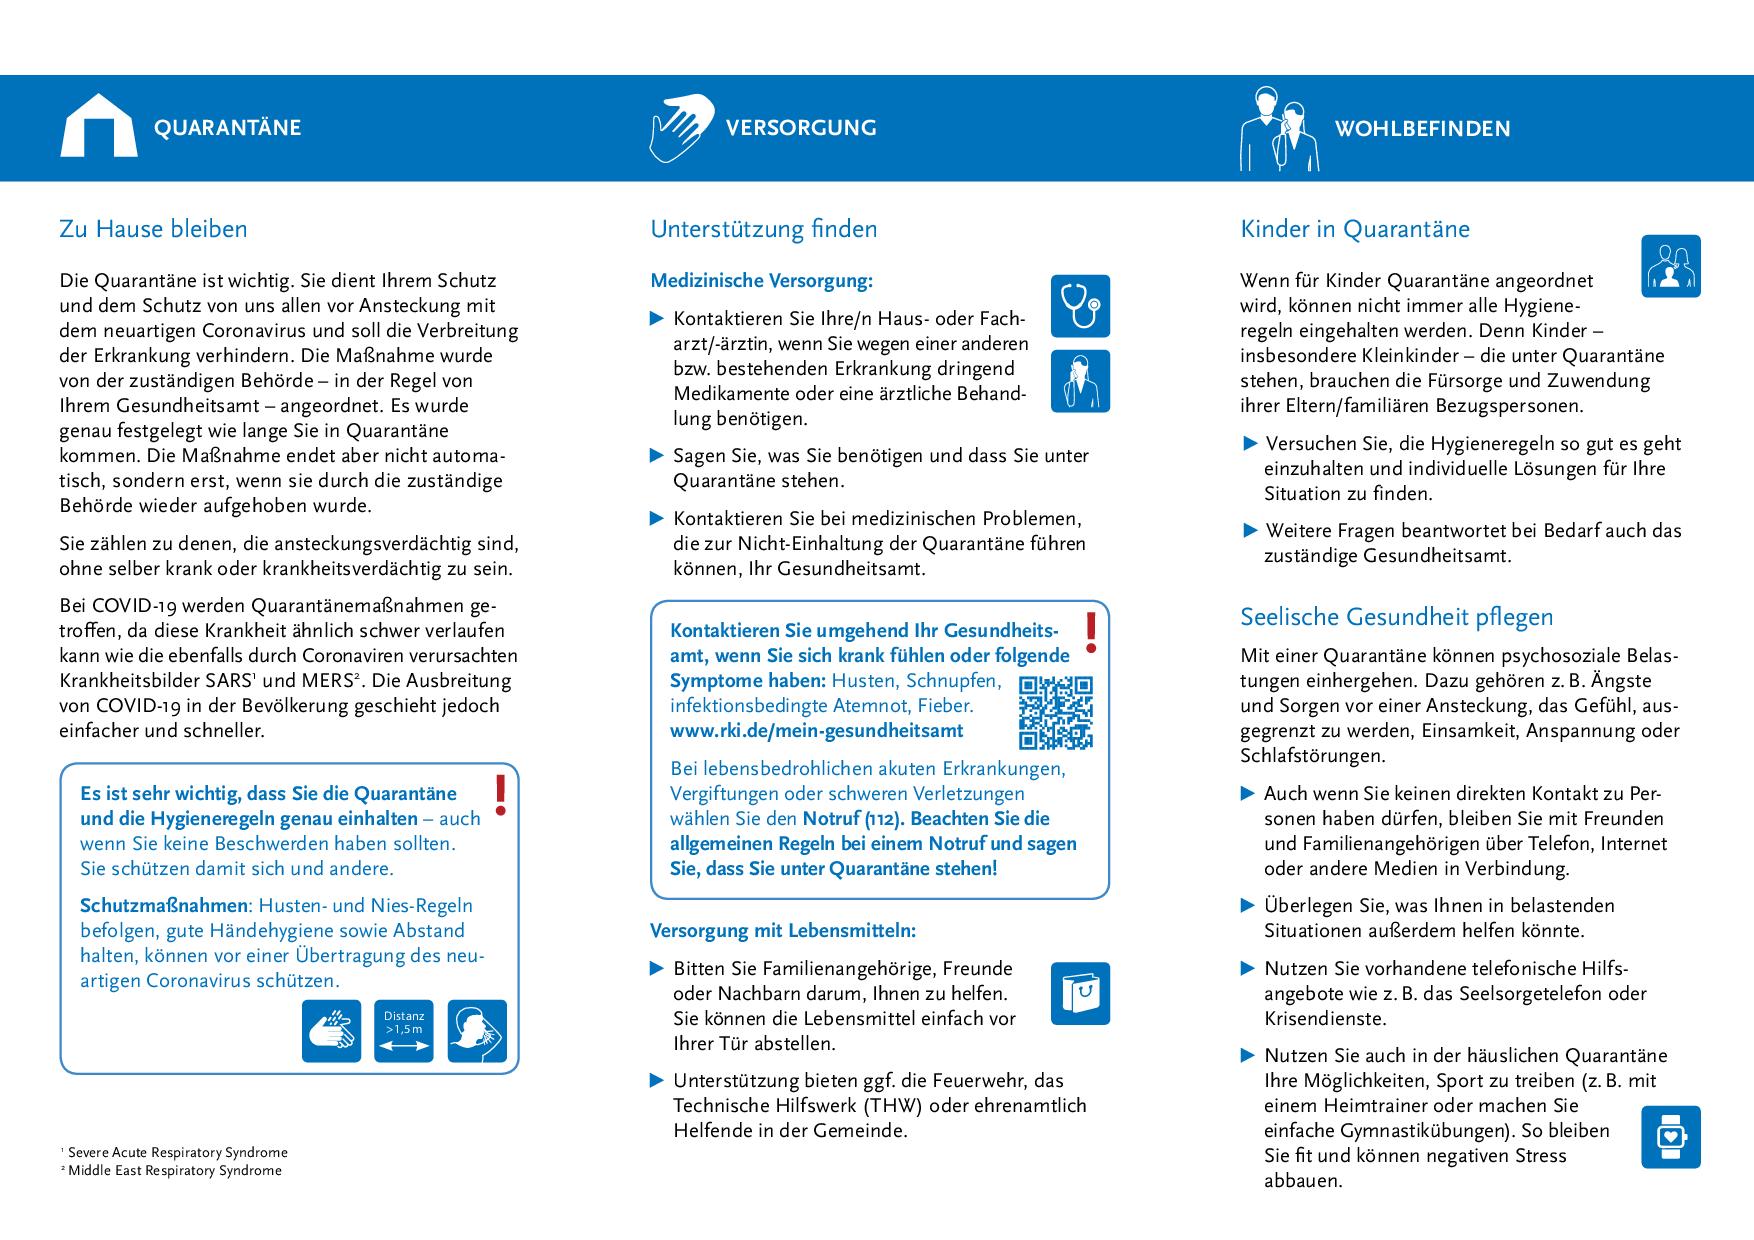 Quarantäne - Flyer für Kontaktpersonen